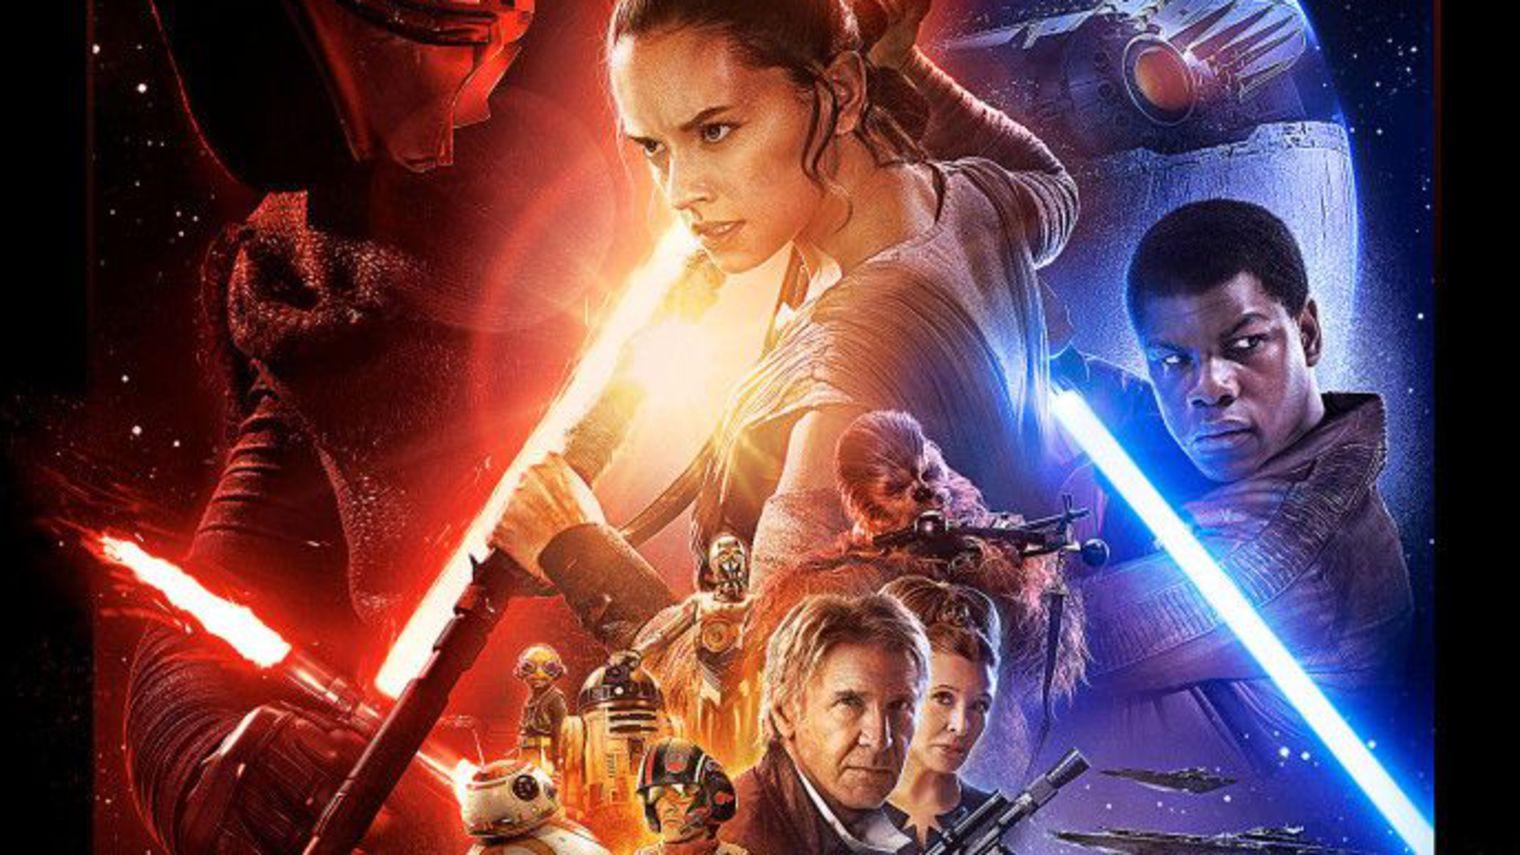 Star wars : Le réveil de la force en avant-première vendredi